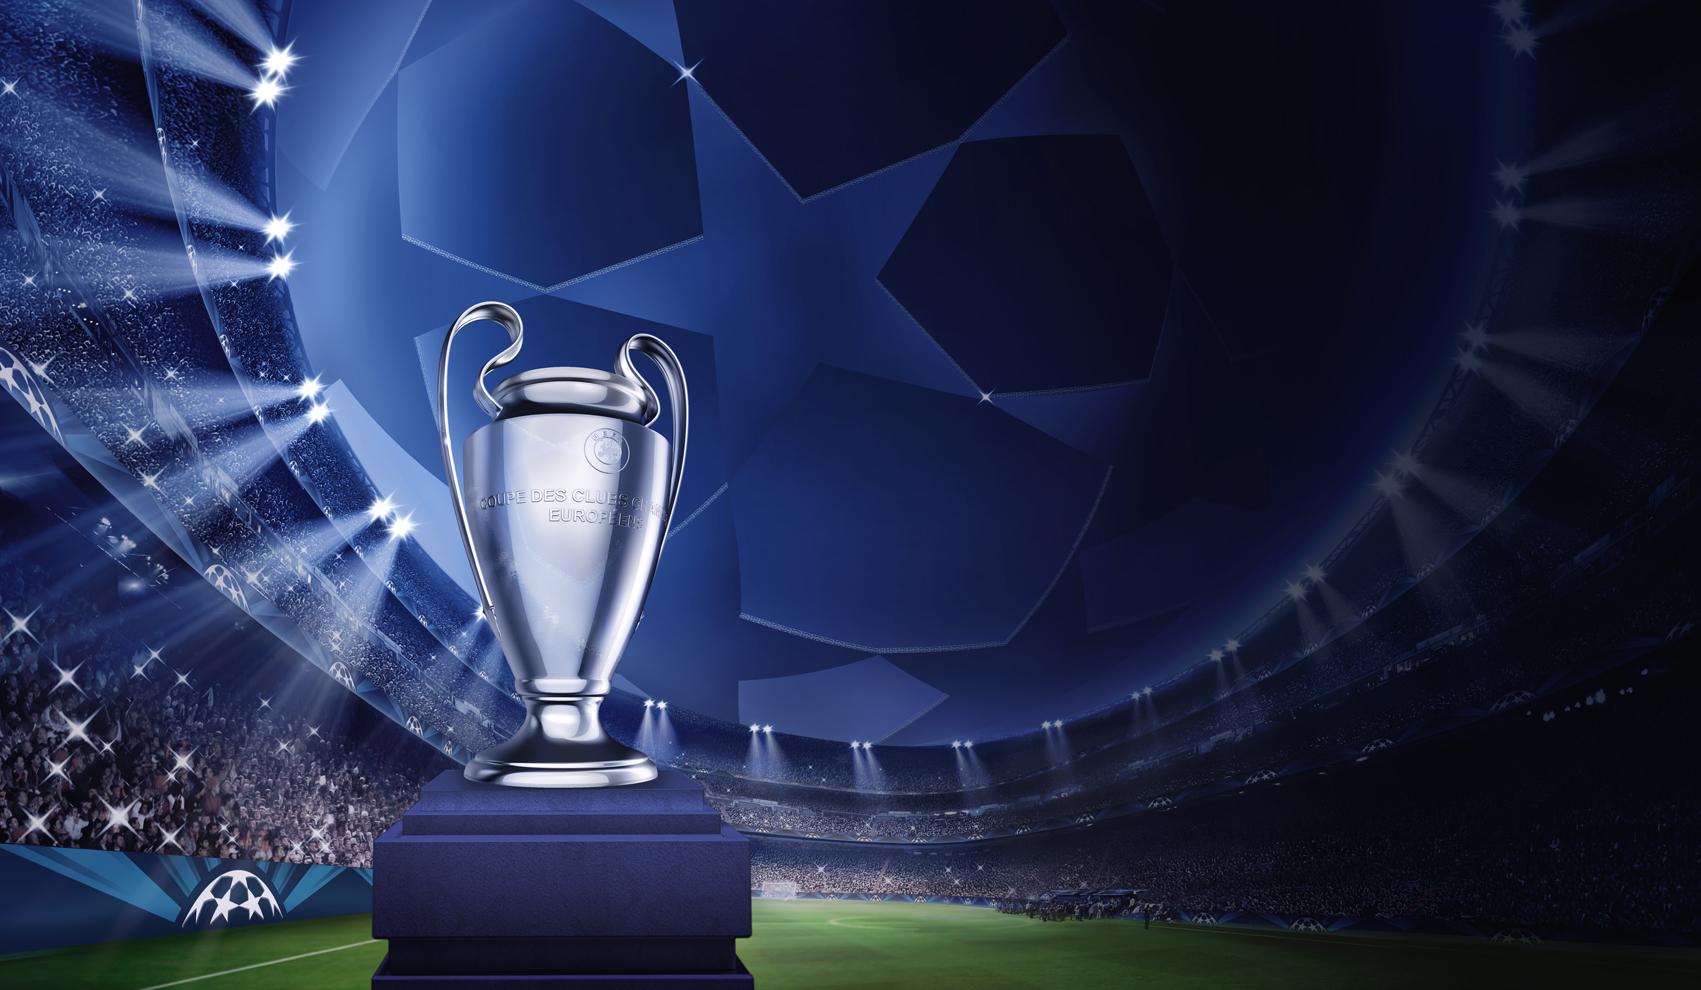 Liga Mistrzów: Liga Mistrzów Przez 3 Kolejne Sezony Na Wyłączność W Nc